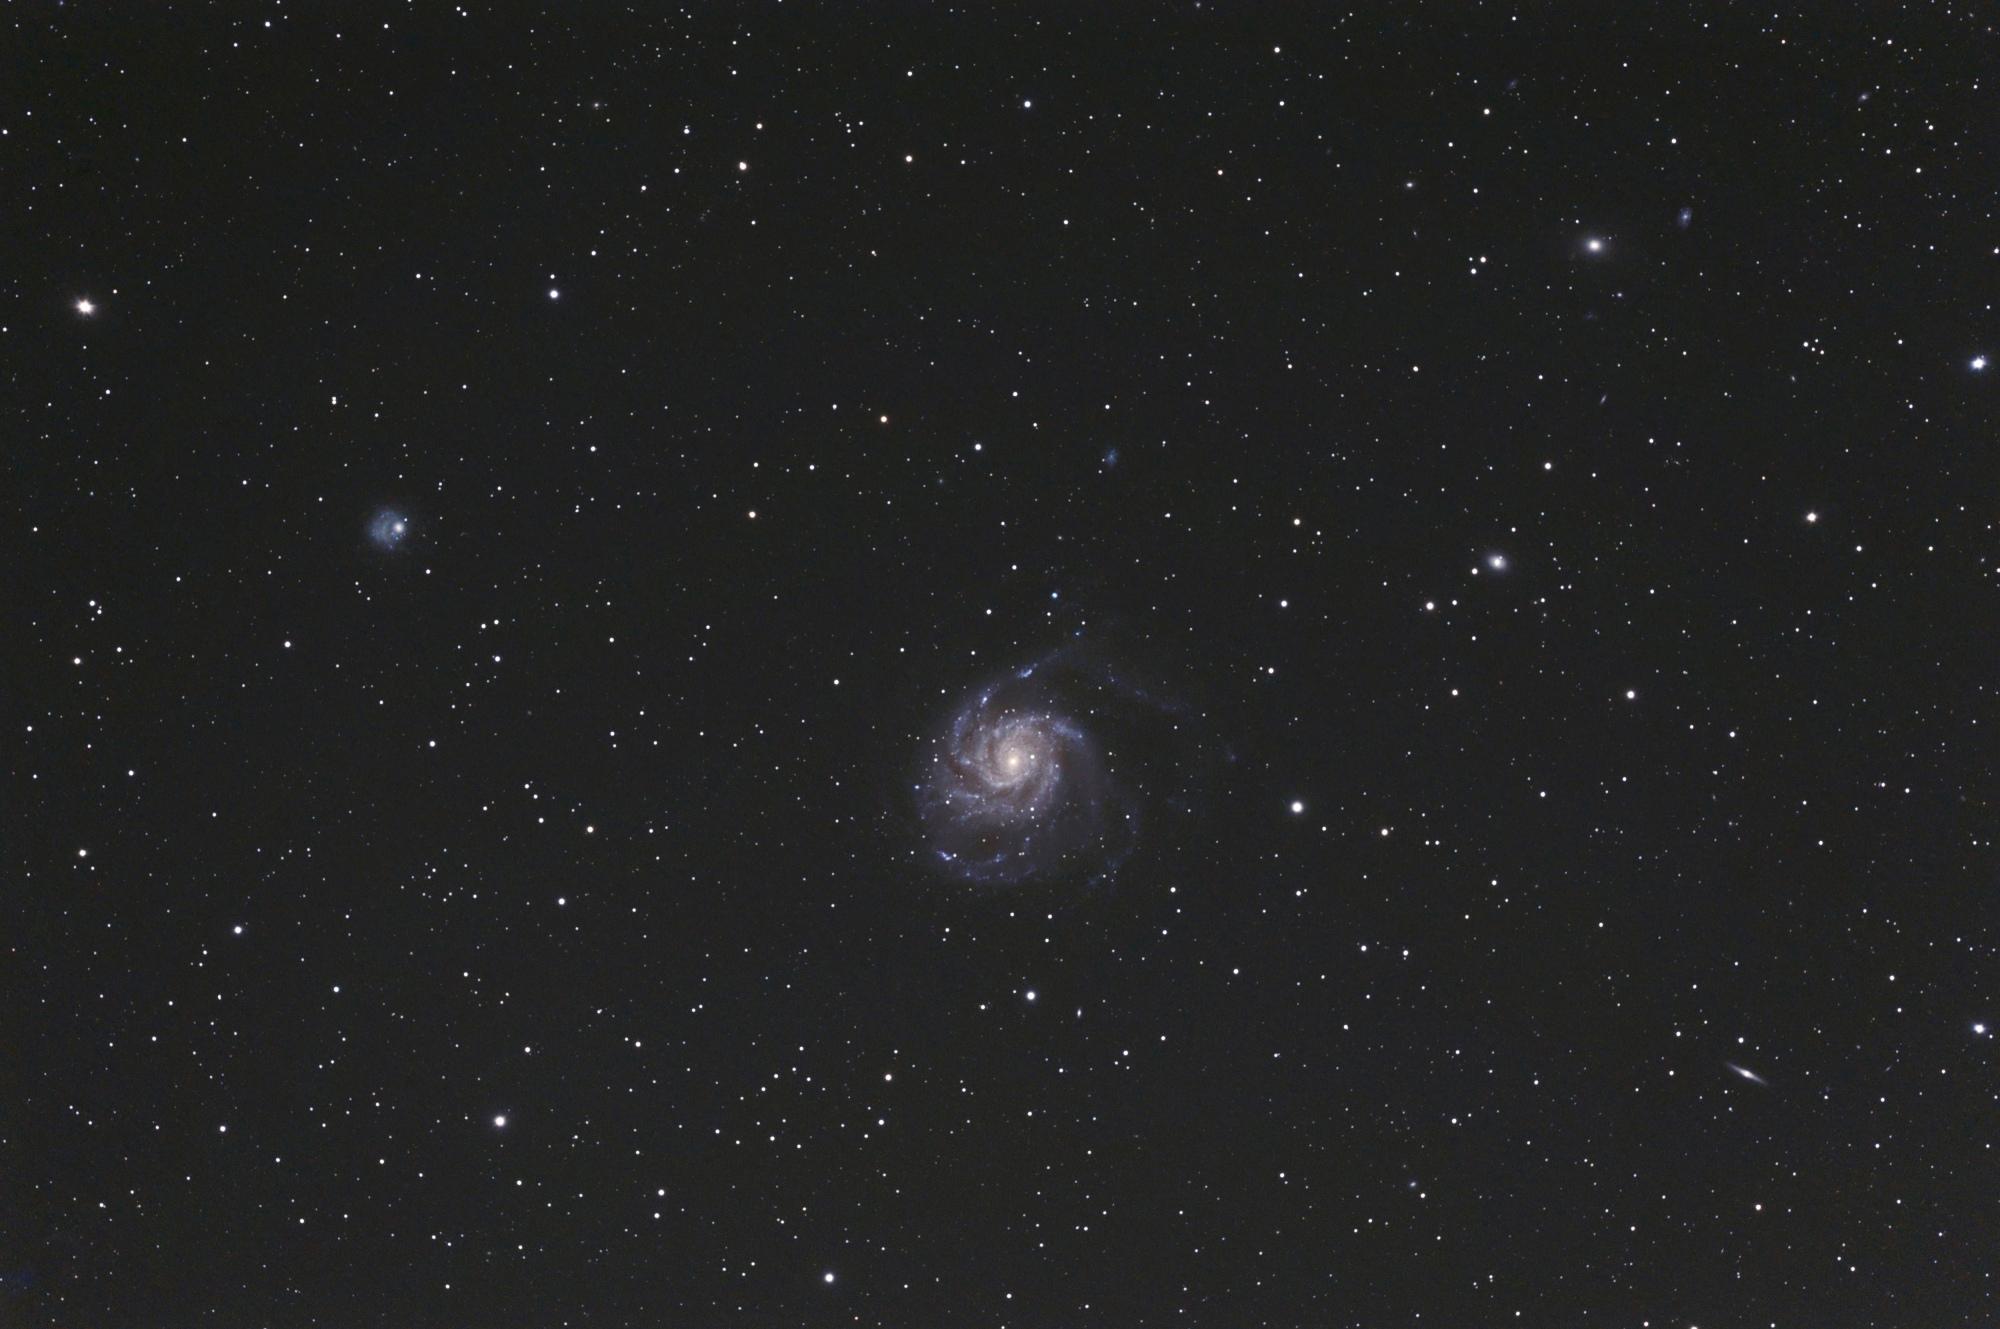 M101-dss2-iris-3-cs5-2-FINAL-5.jpg